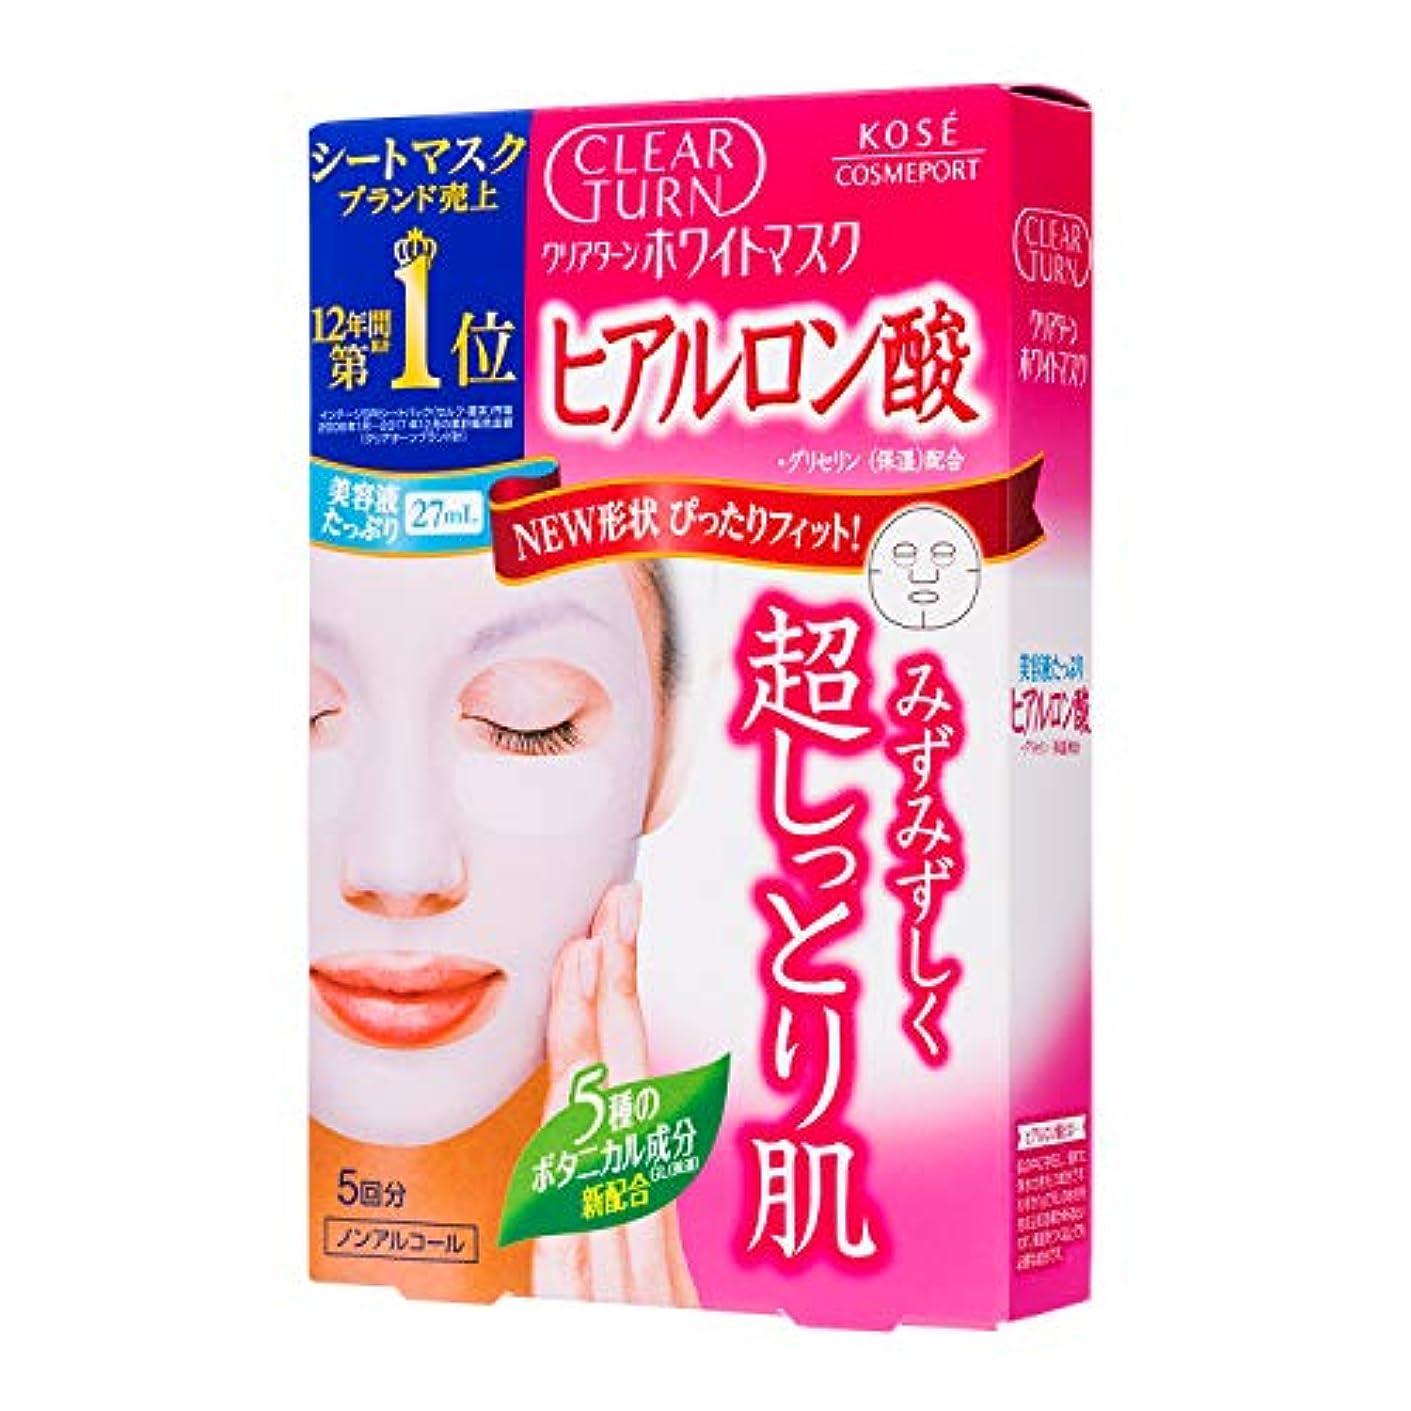 野心的ポーチ異邦人KOSE クリアターン ホワイト マスク HA d (ヒアルロン酸) 5回分 (22mL×5)